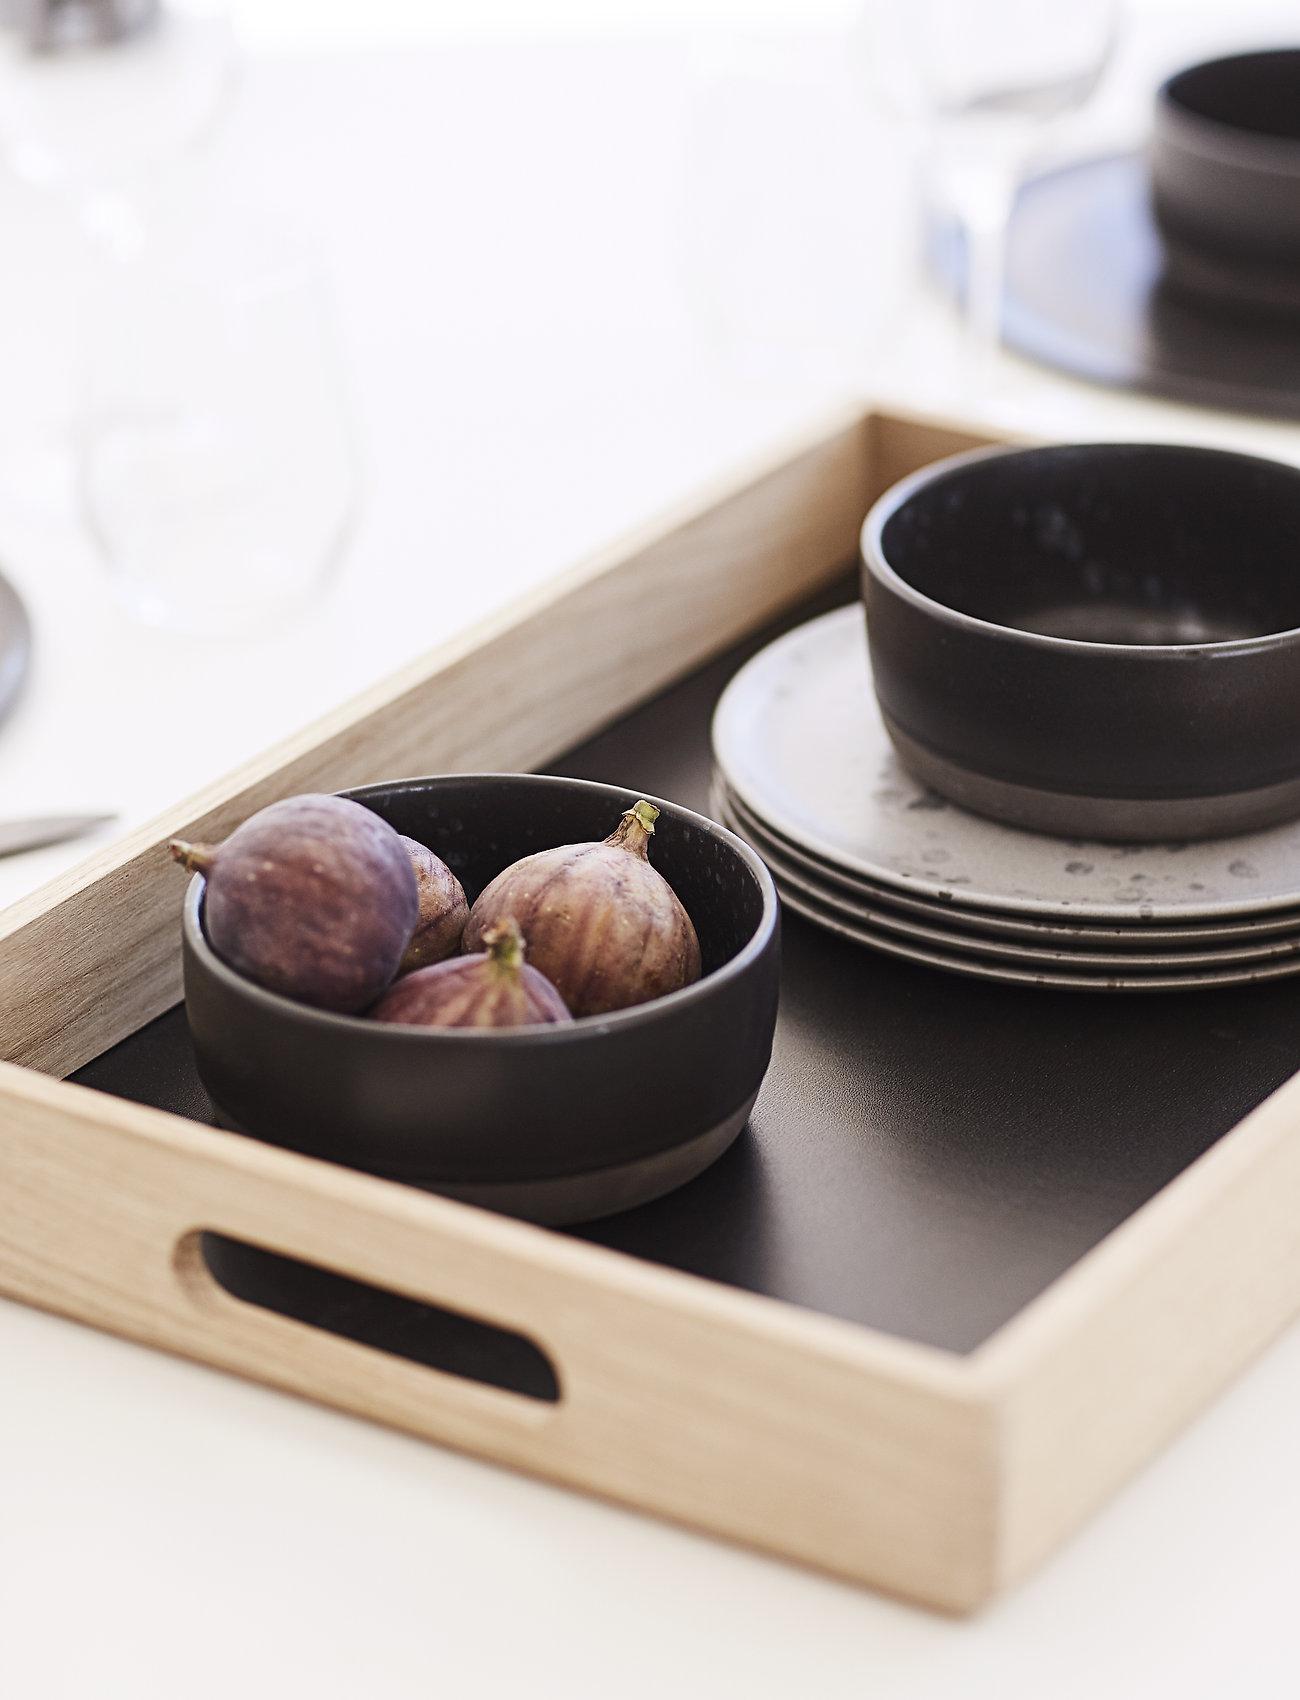 Andersen Furniture - Serving Tray - serveringsbrett - no color - 1